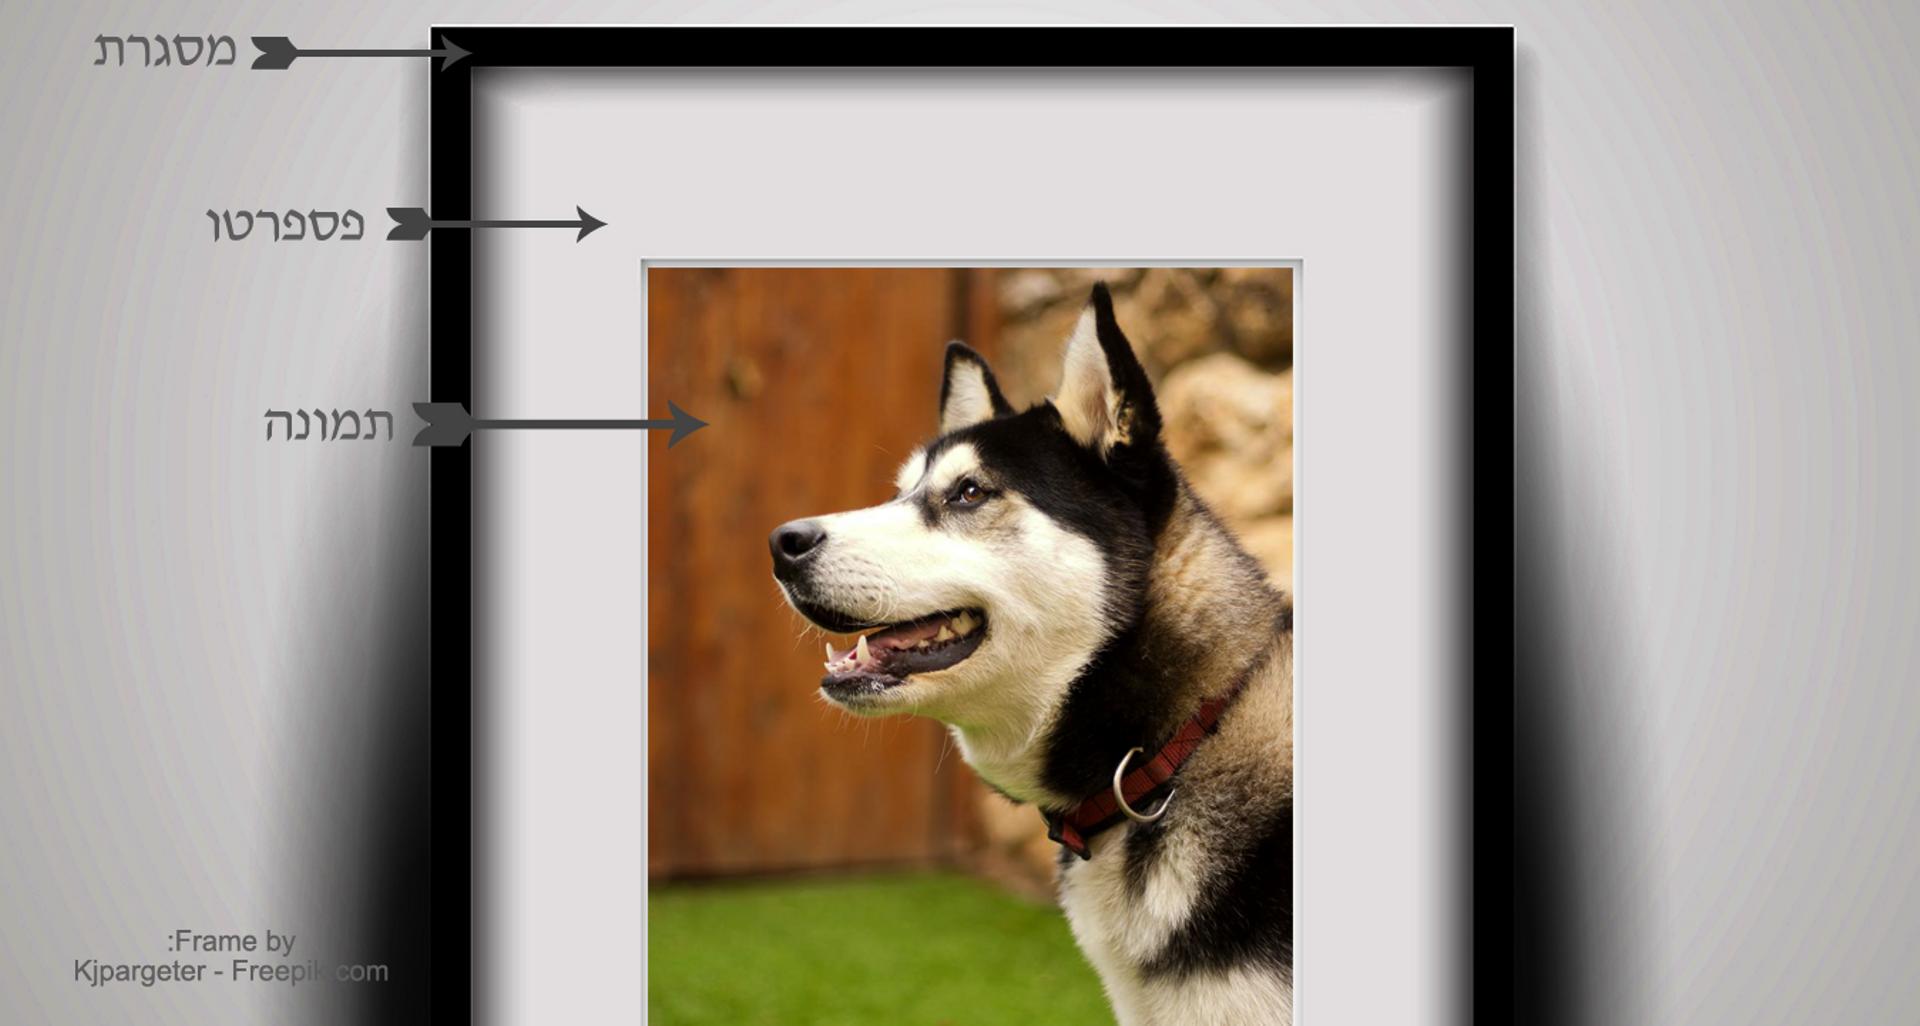 =מסגרת תמונה איכותית דגם FR9217, כולל הדפסת תמונה.